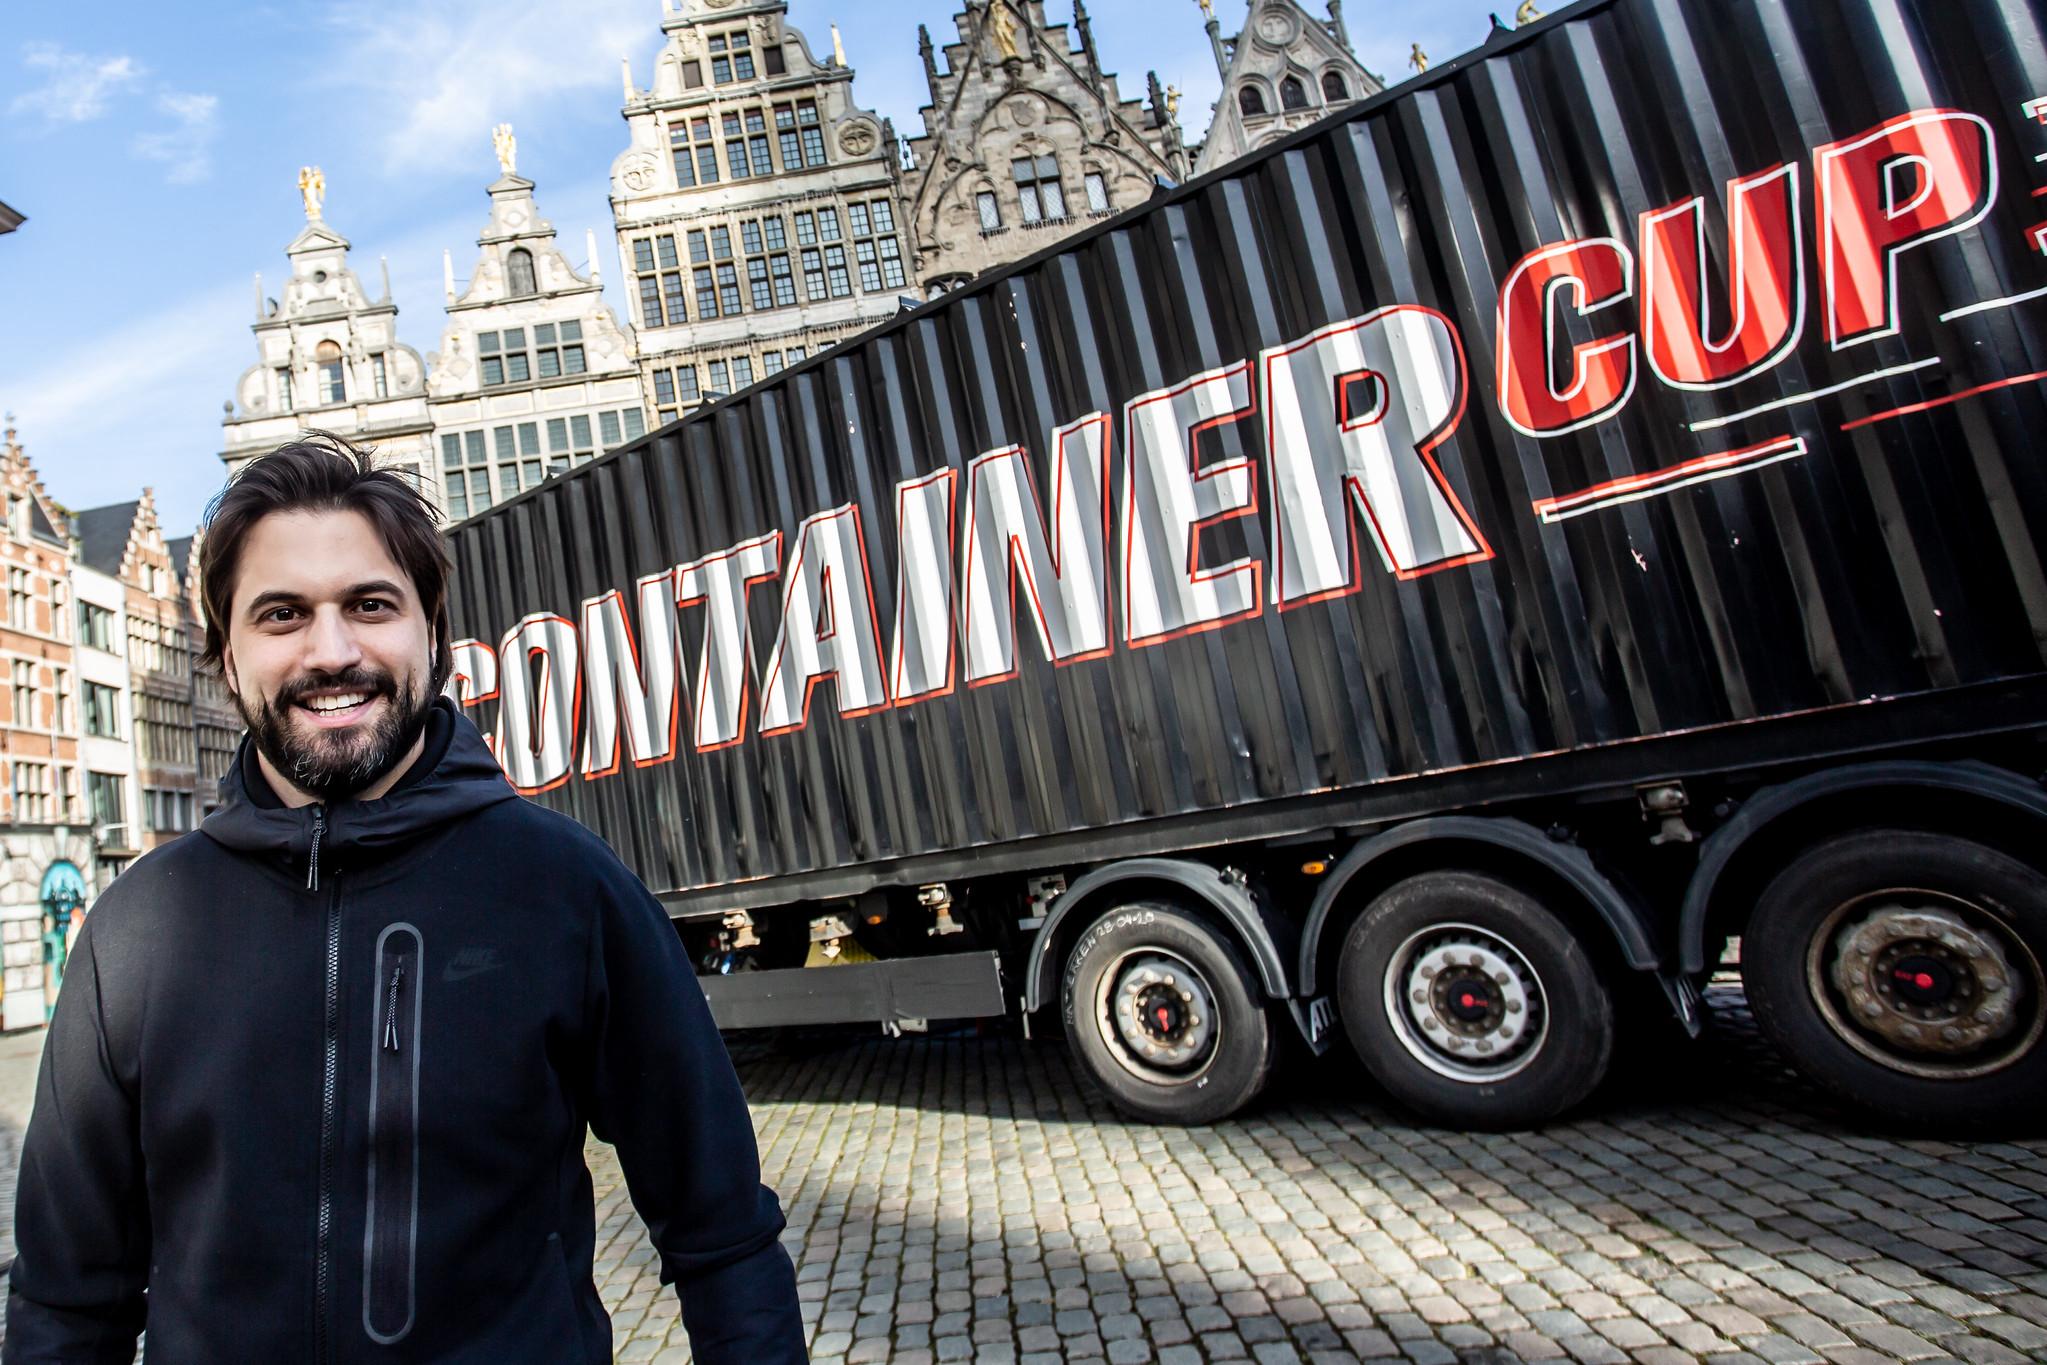 De Container Cup et De Afspraak op Vrijdag : revoir les vidéos